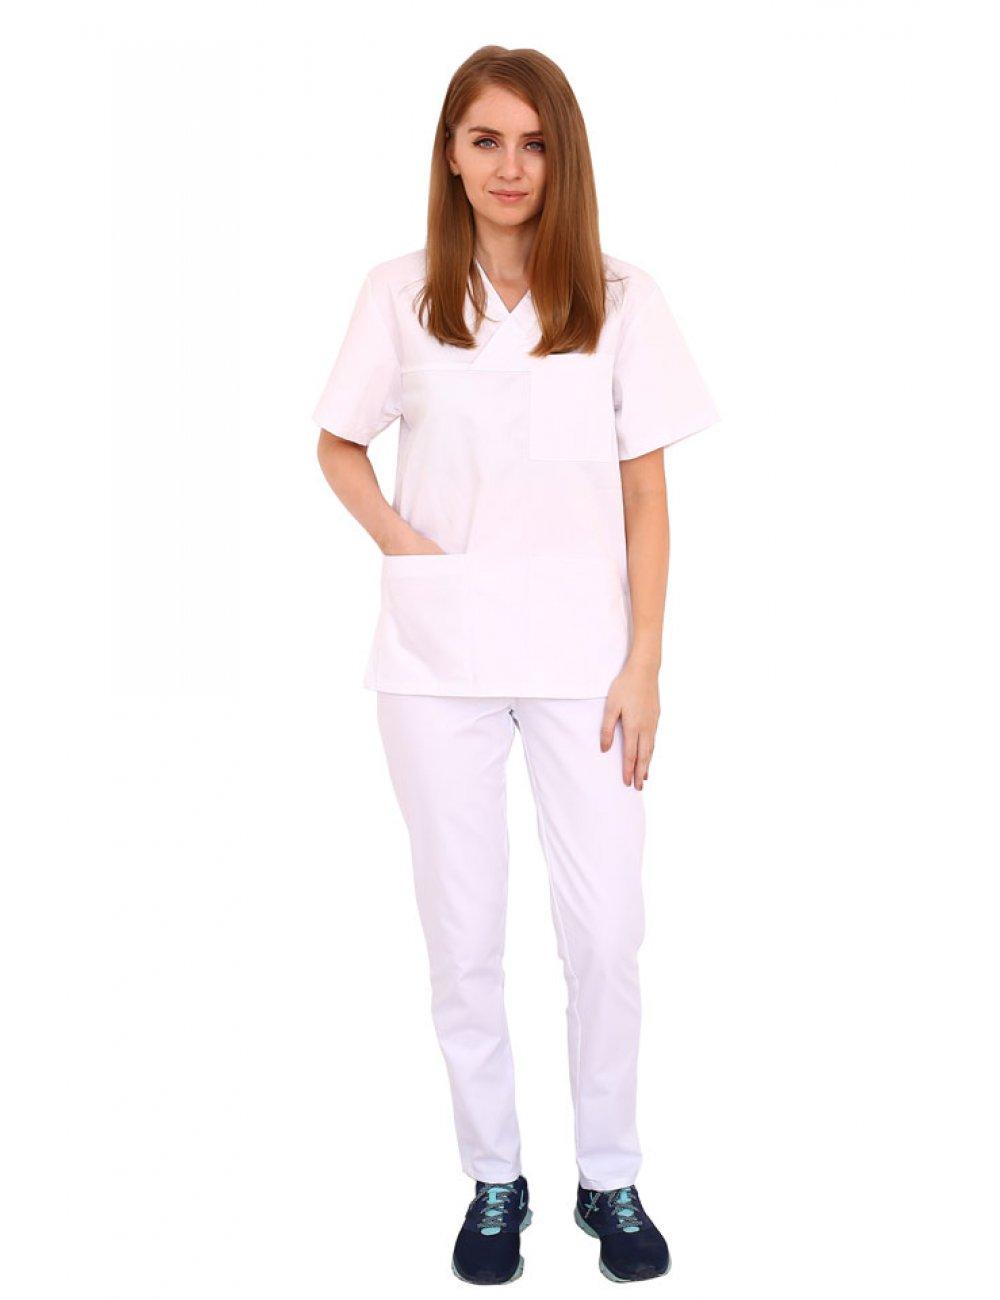 Uniforma curatenie alba cu bluza cu anchior in forma V si pantaloni cu elastic